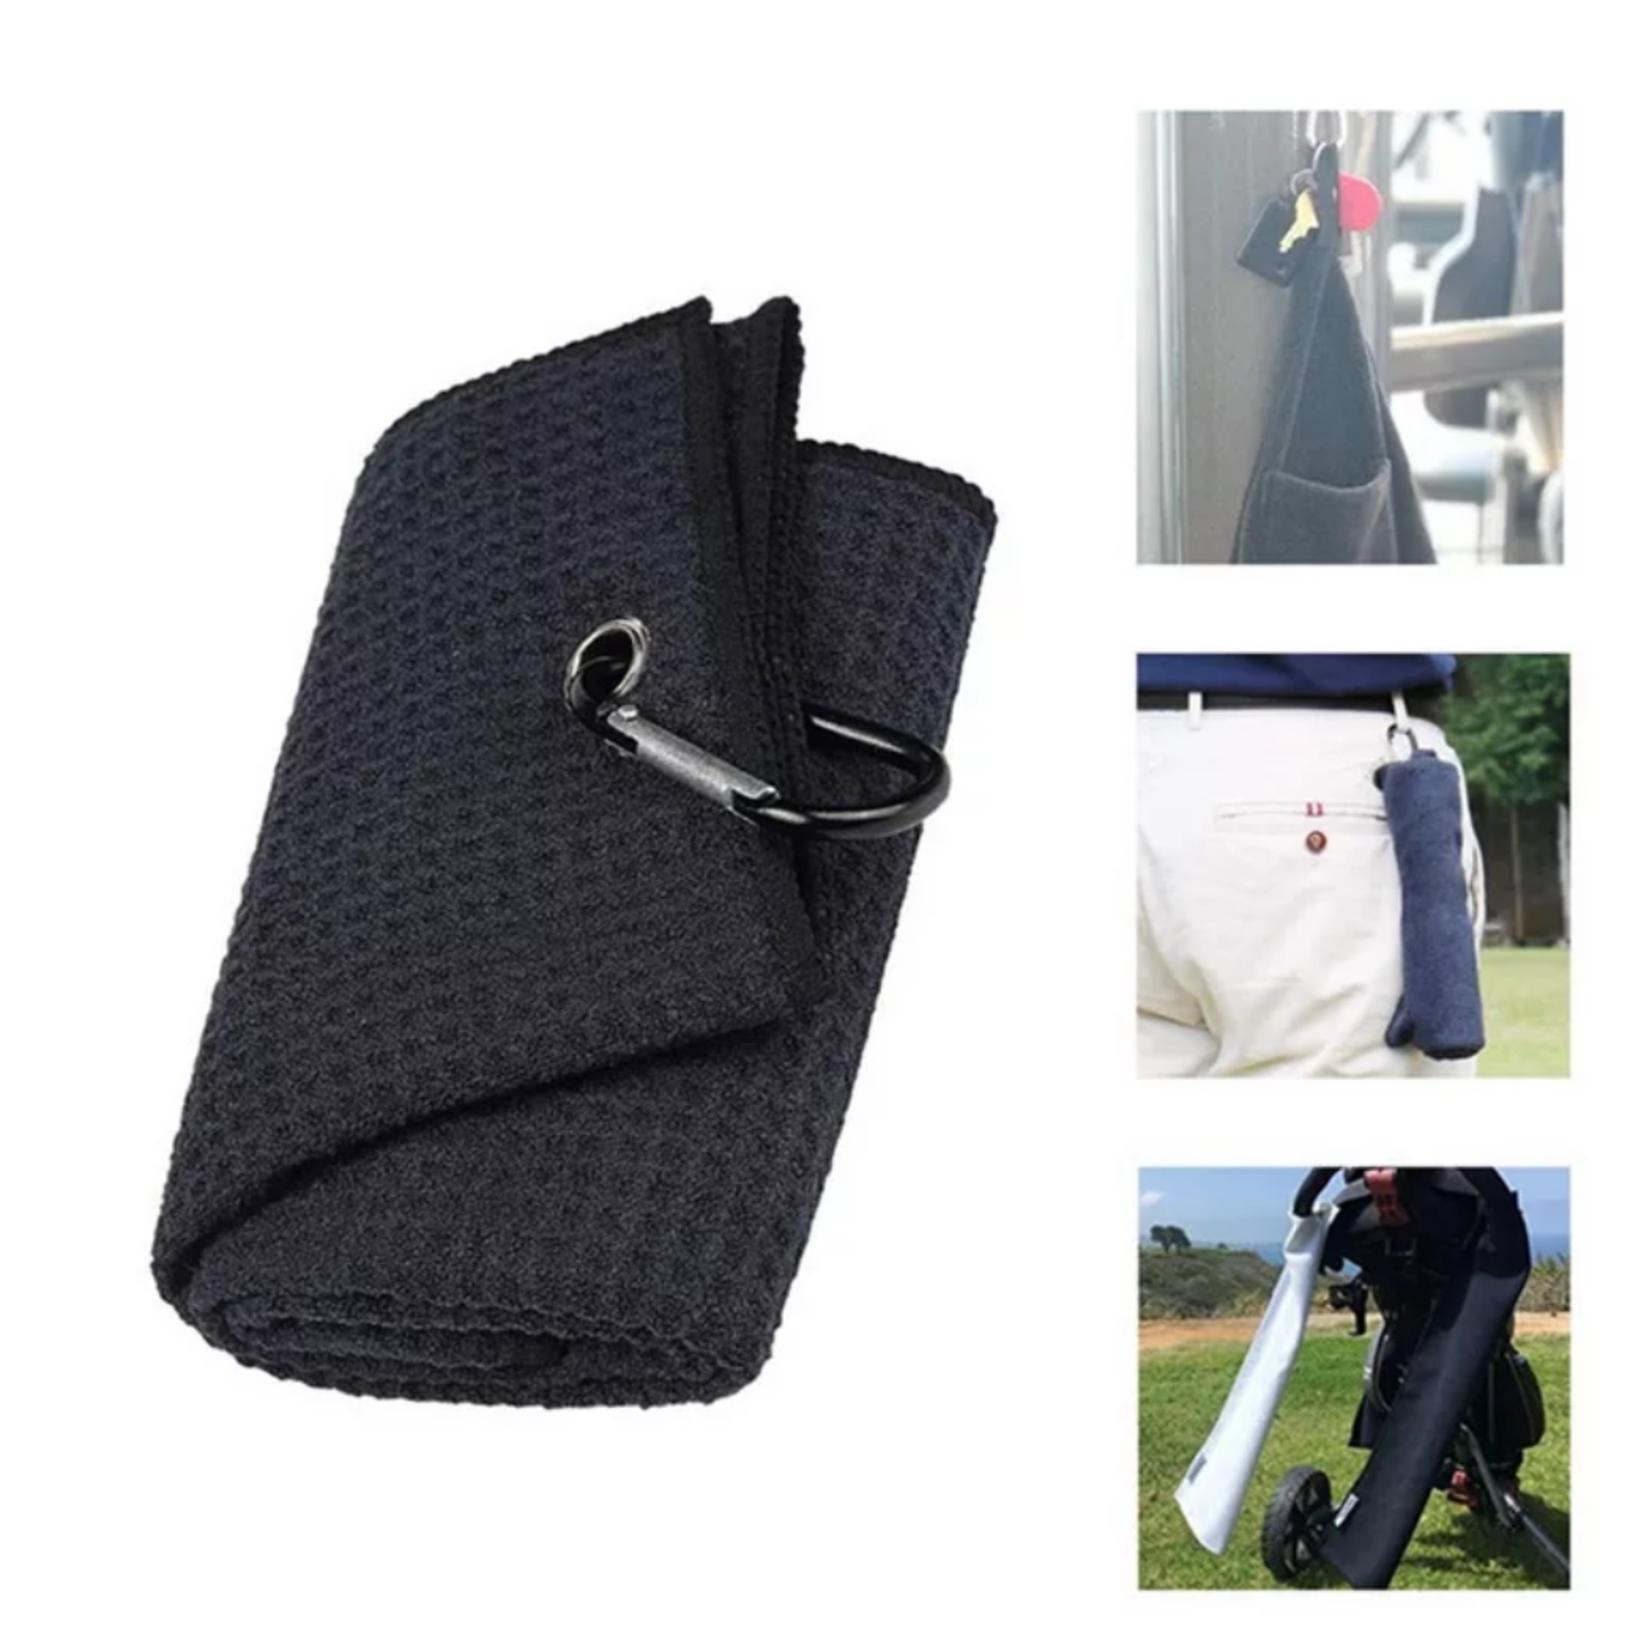 Jobber Golf Jobber Golf – Microfiber golfhanddoek sneldrogend (zwart)